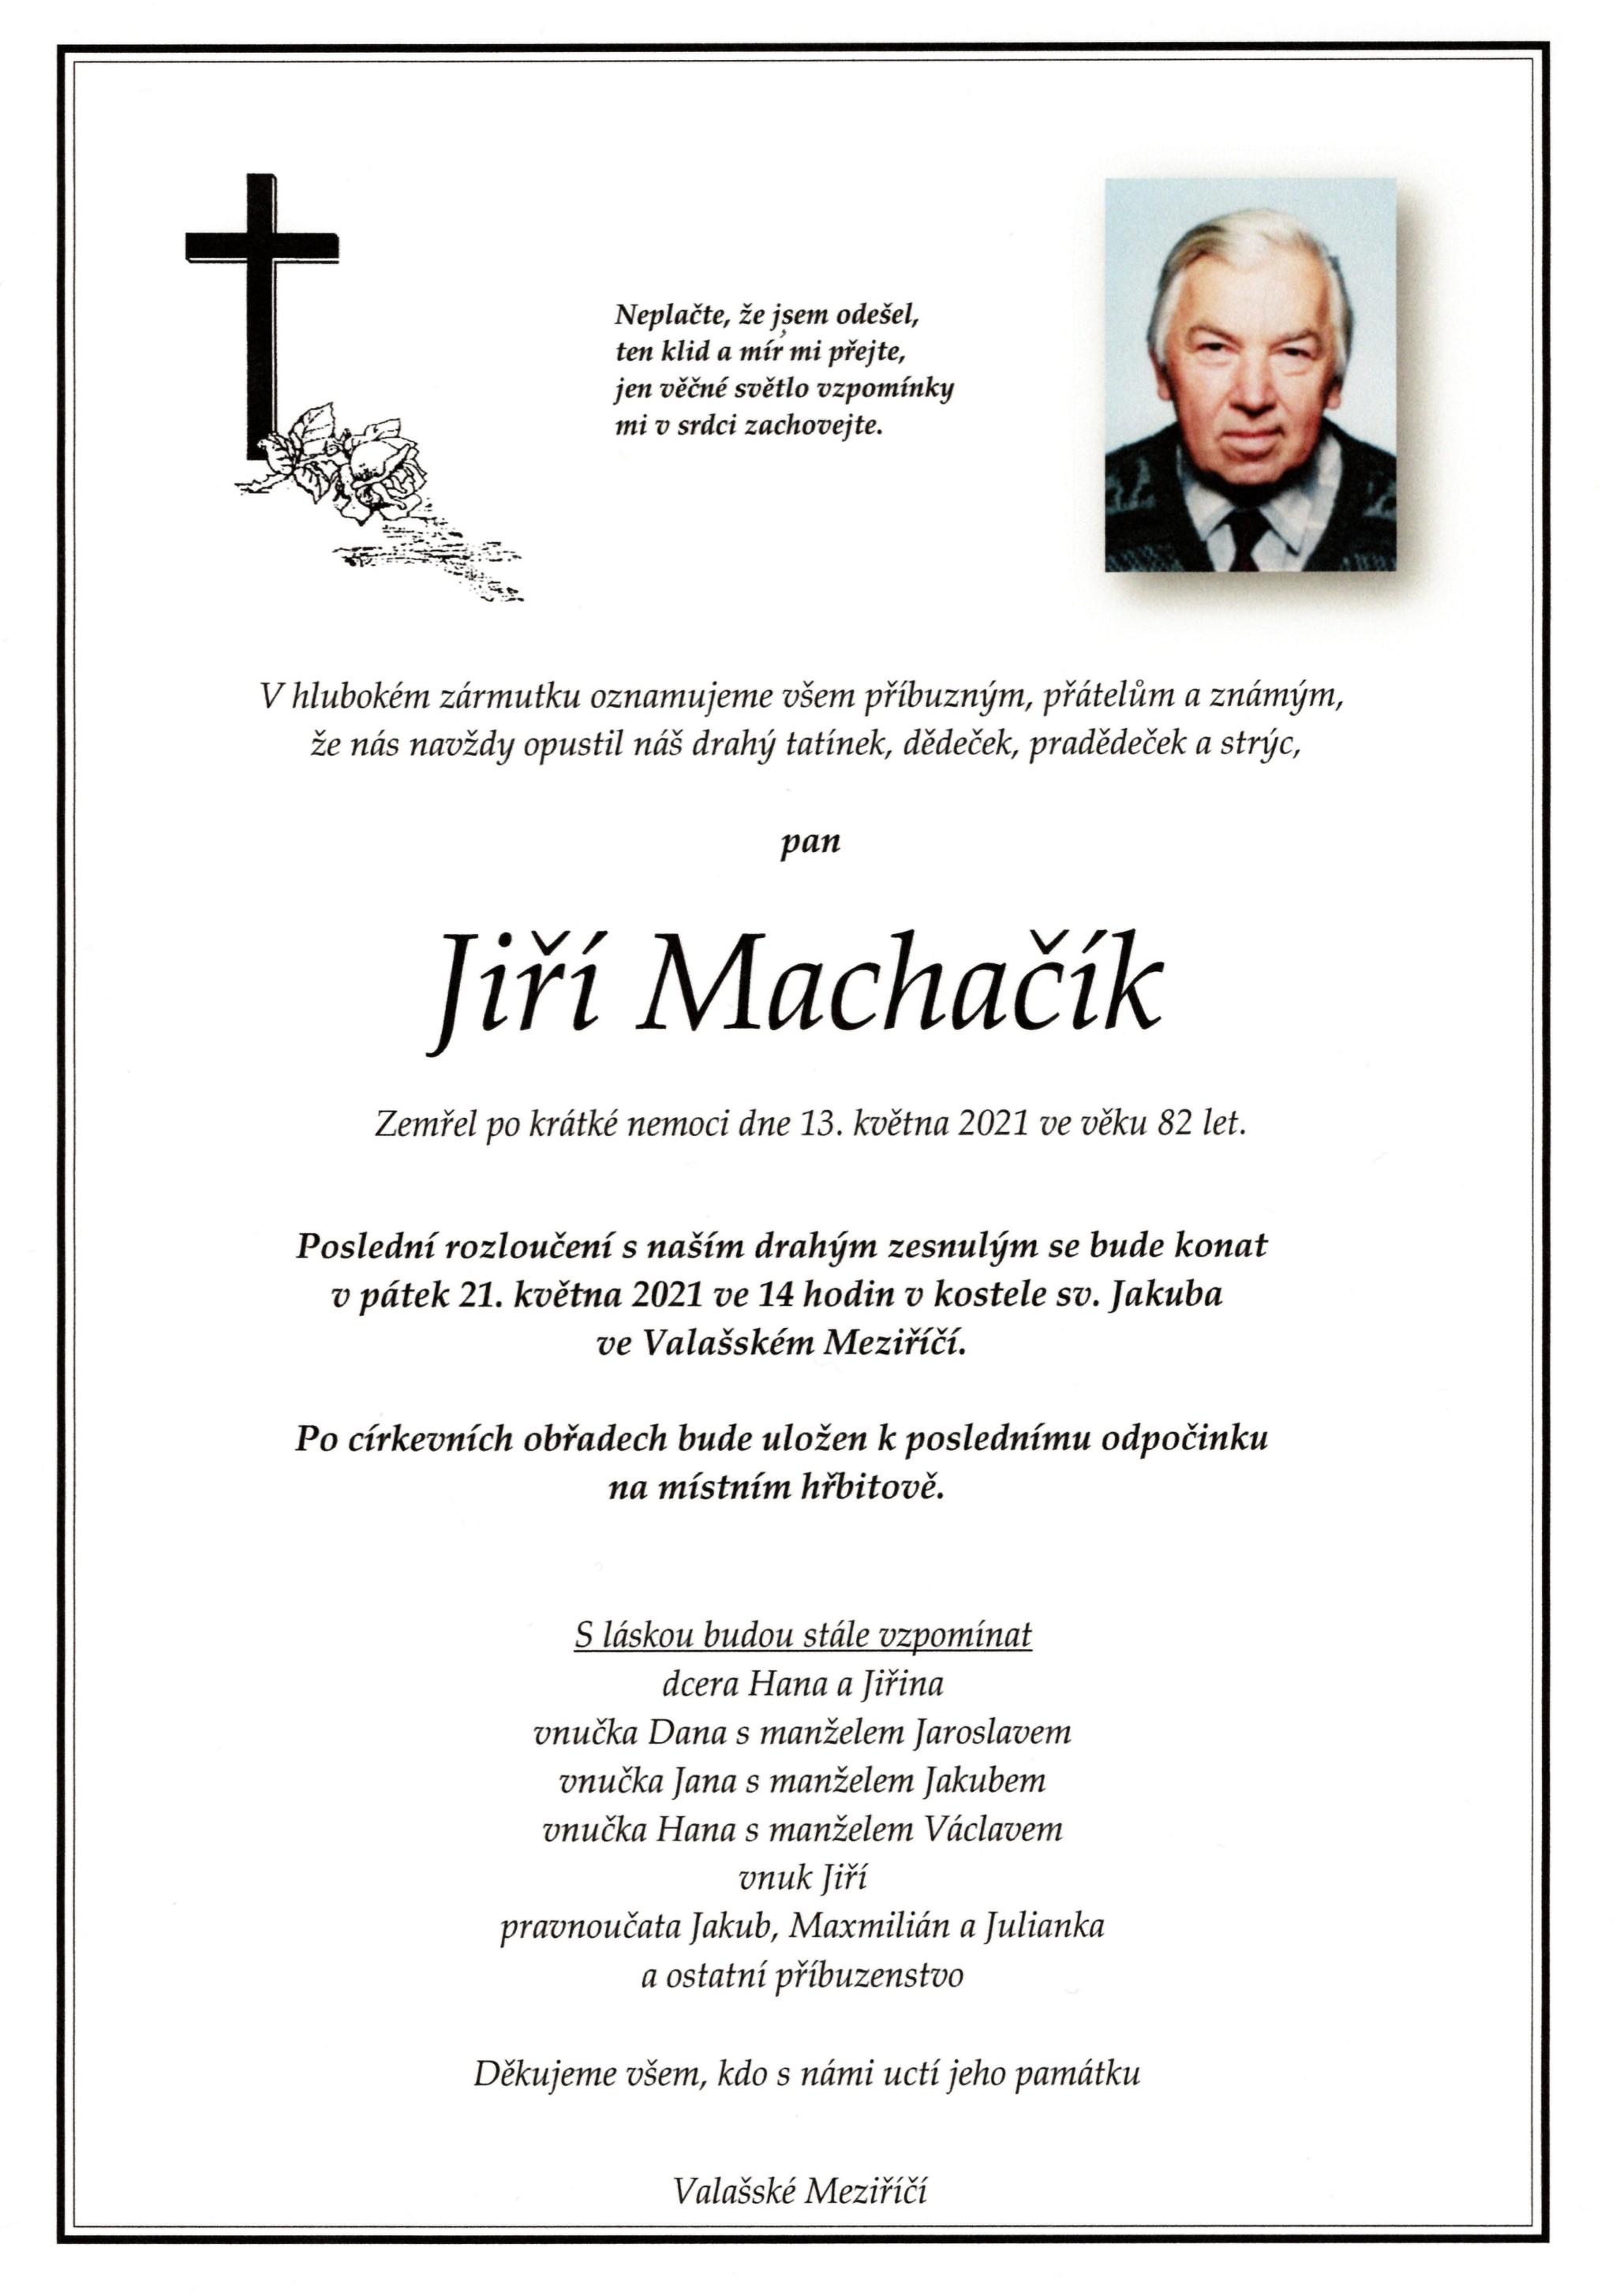 Jiří Machačík